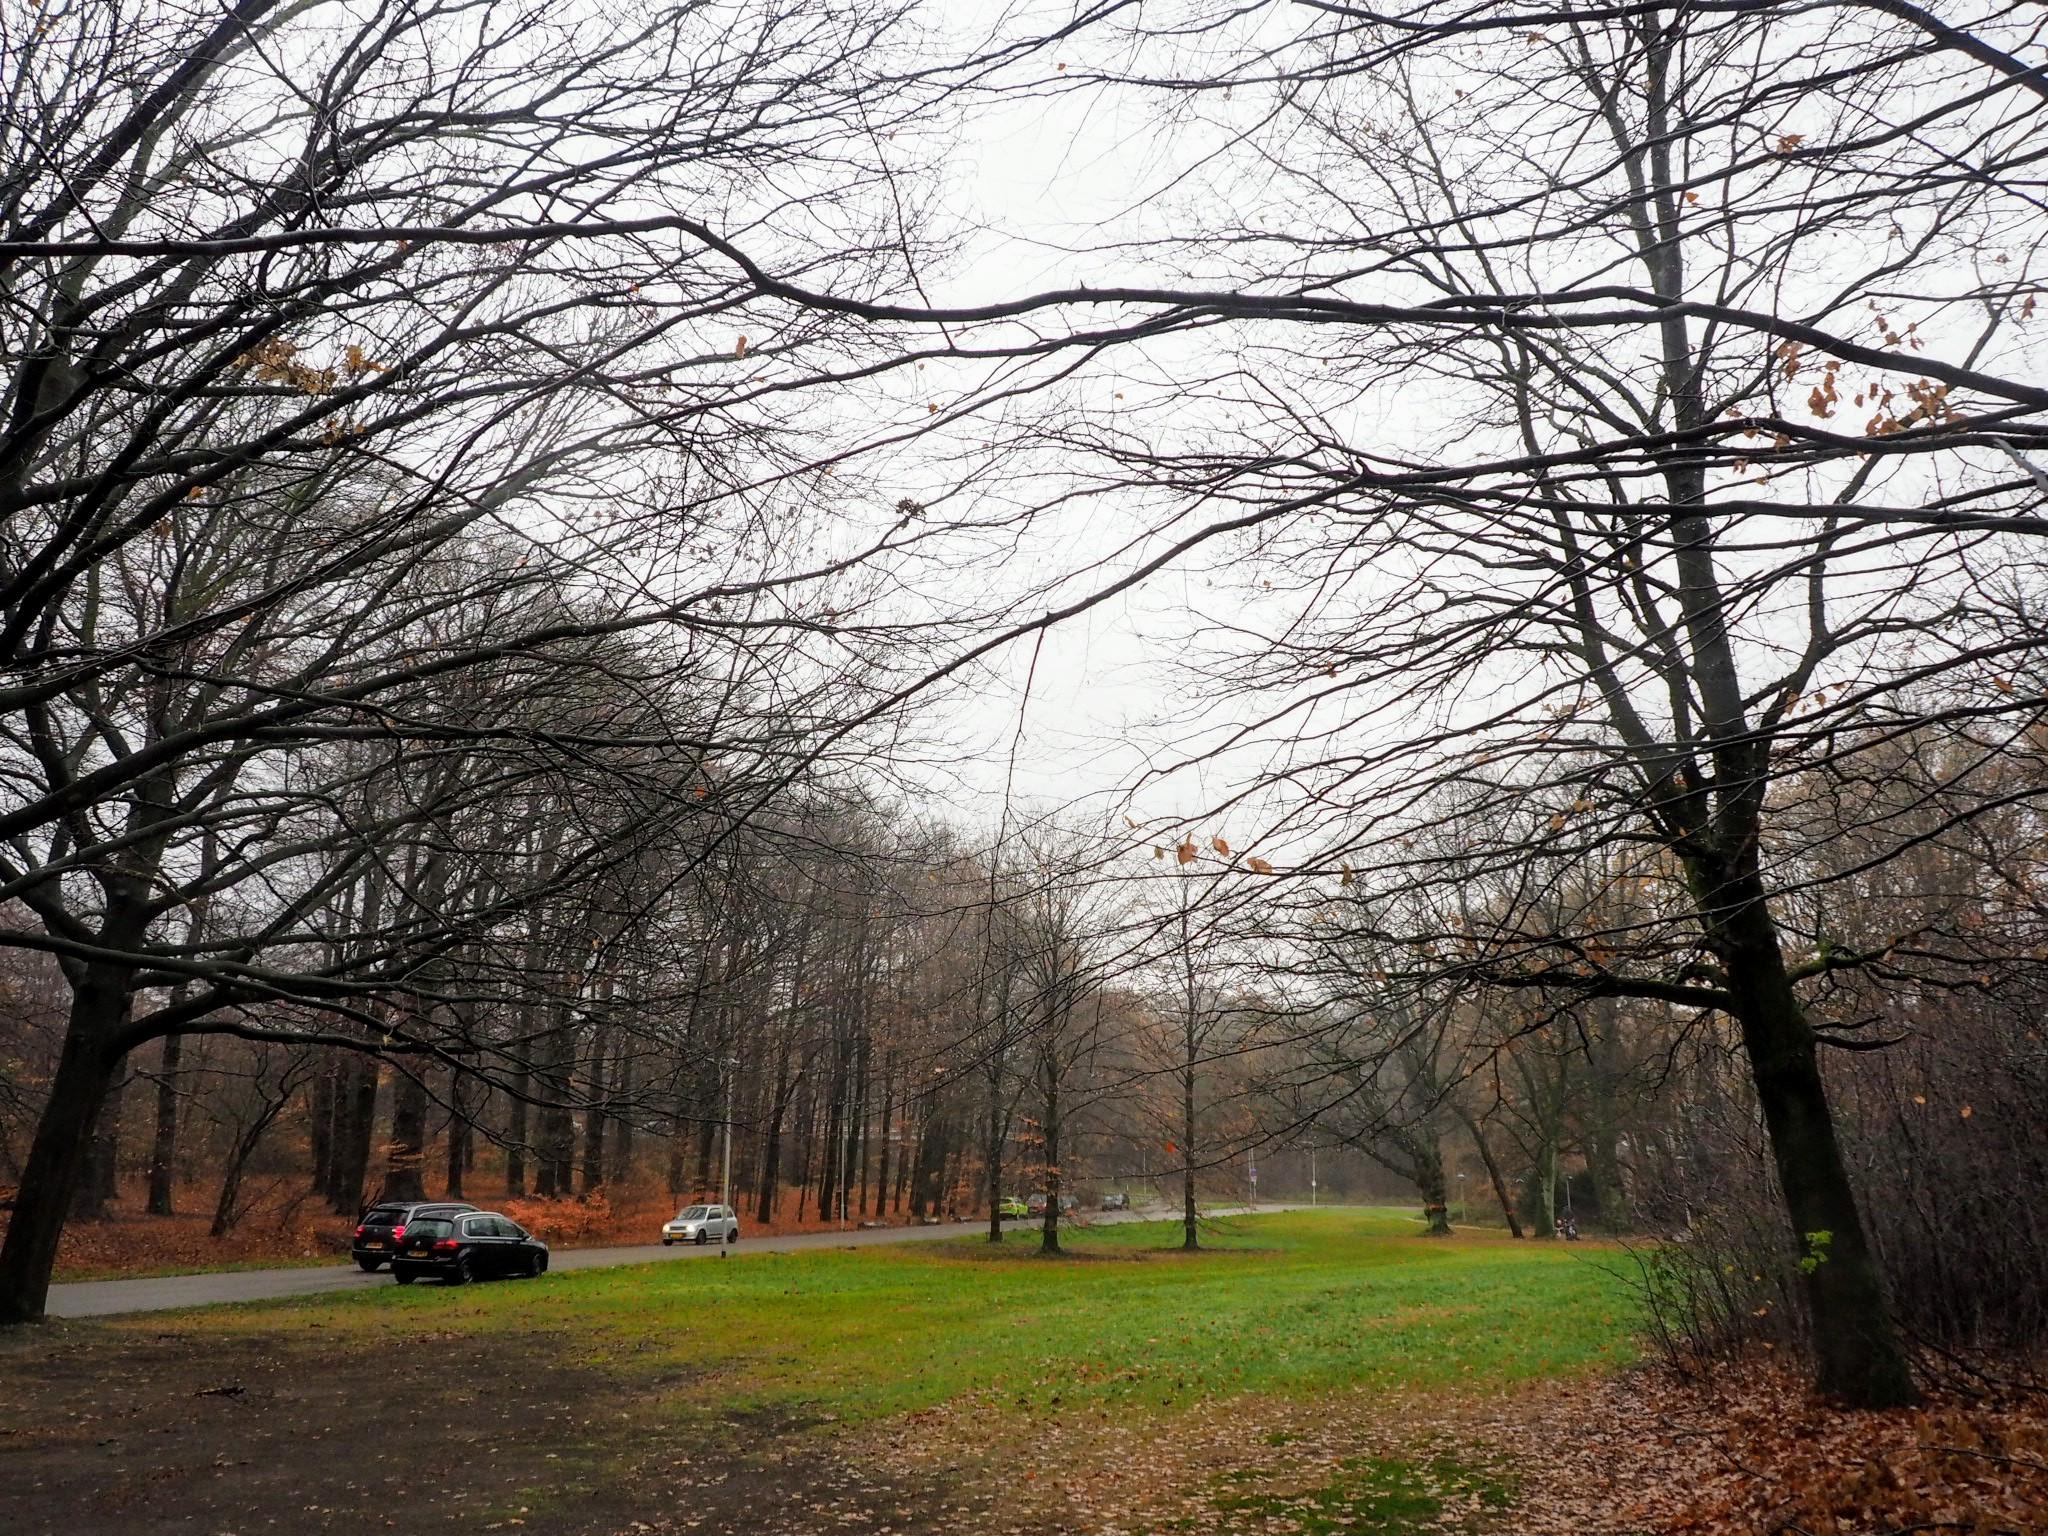 Park Sonsbeek Arnhem